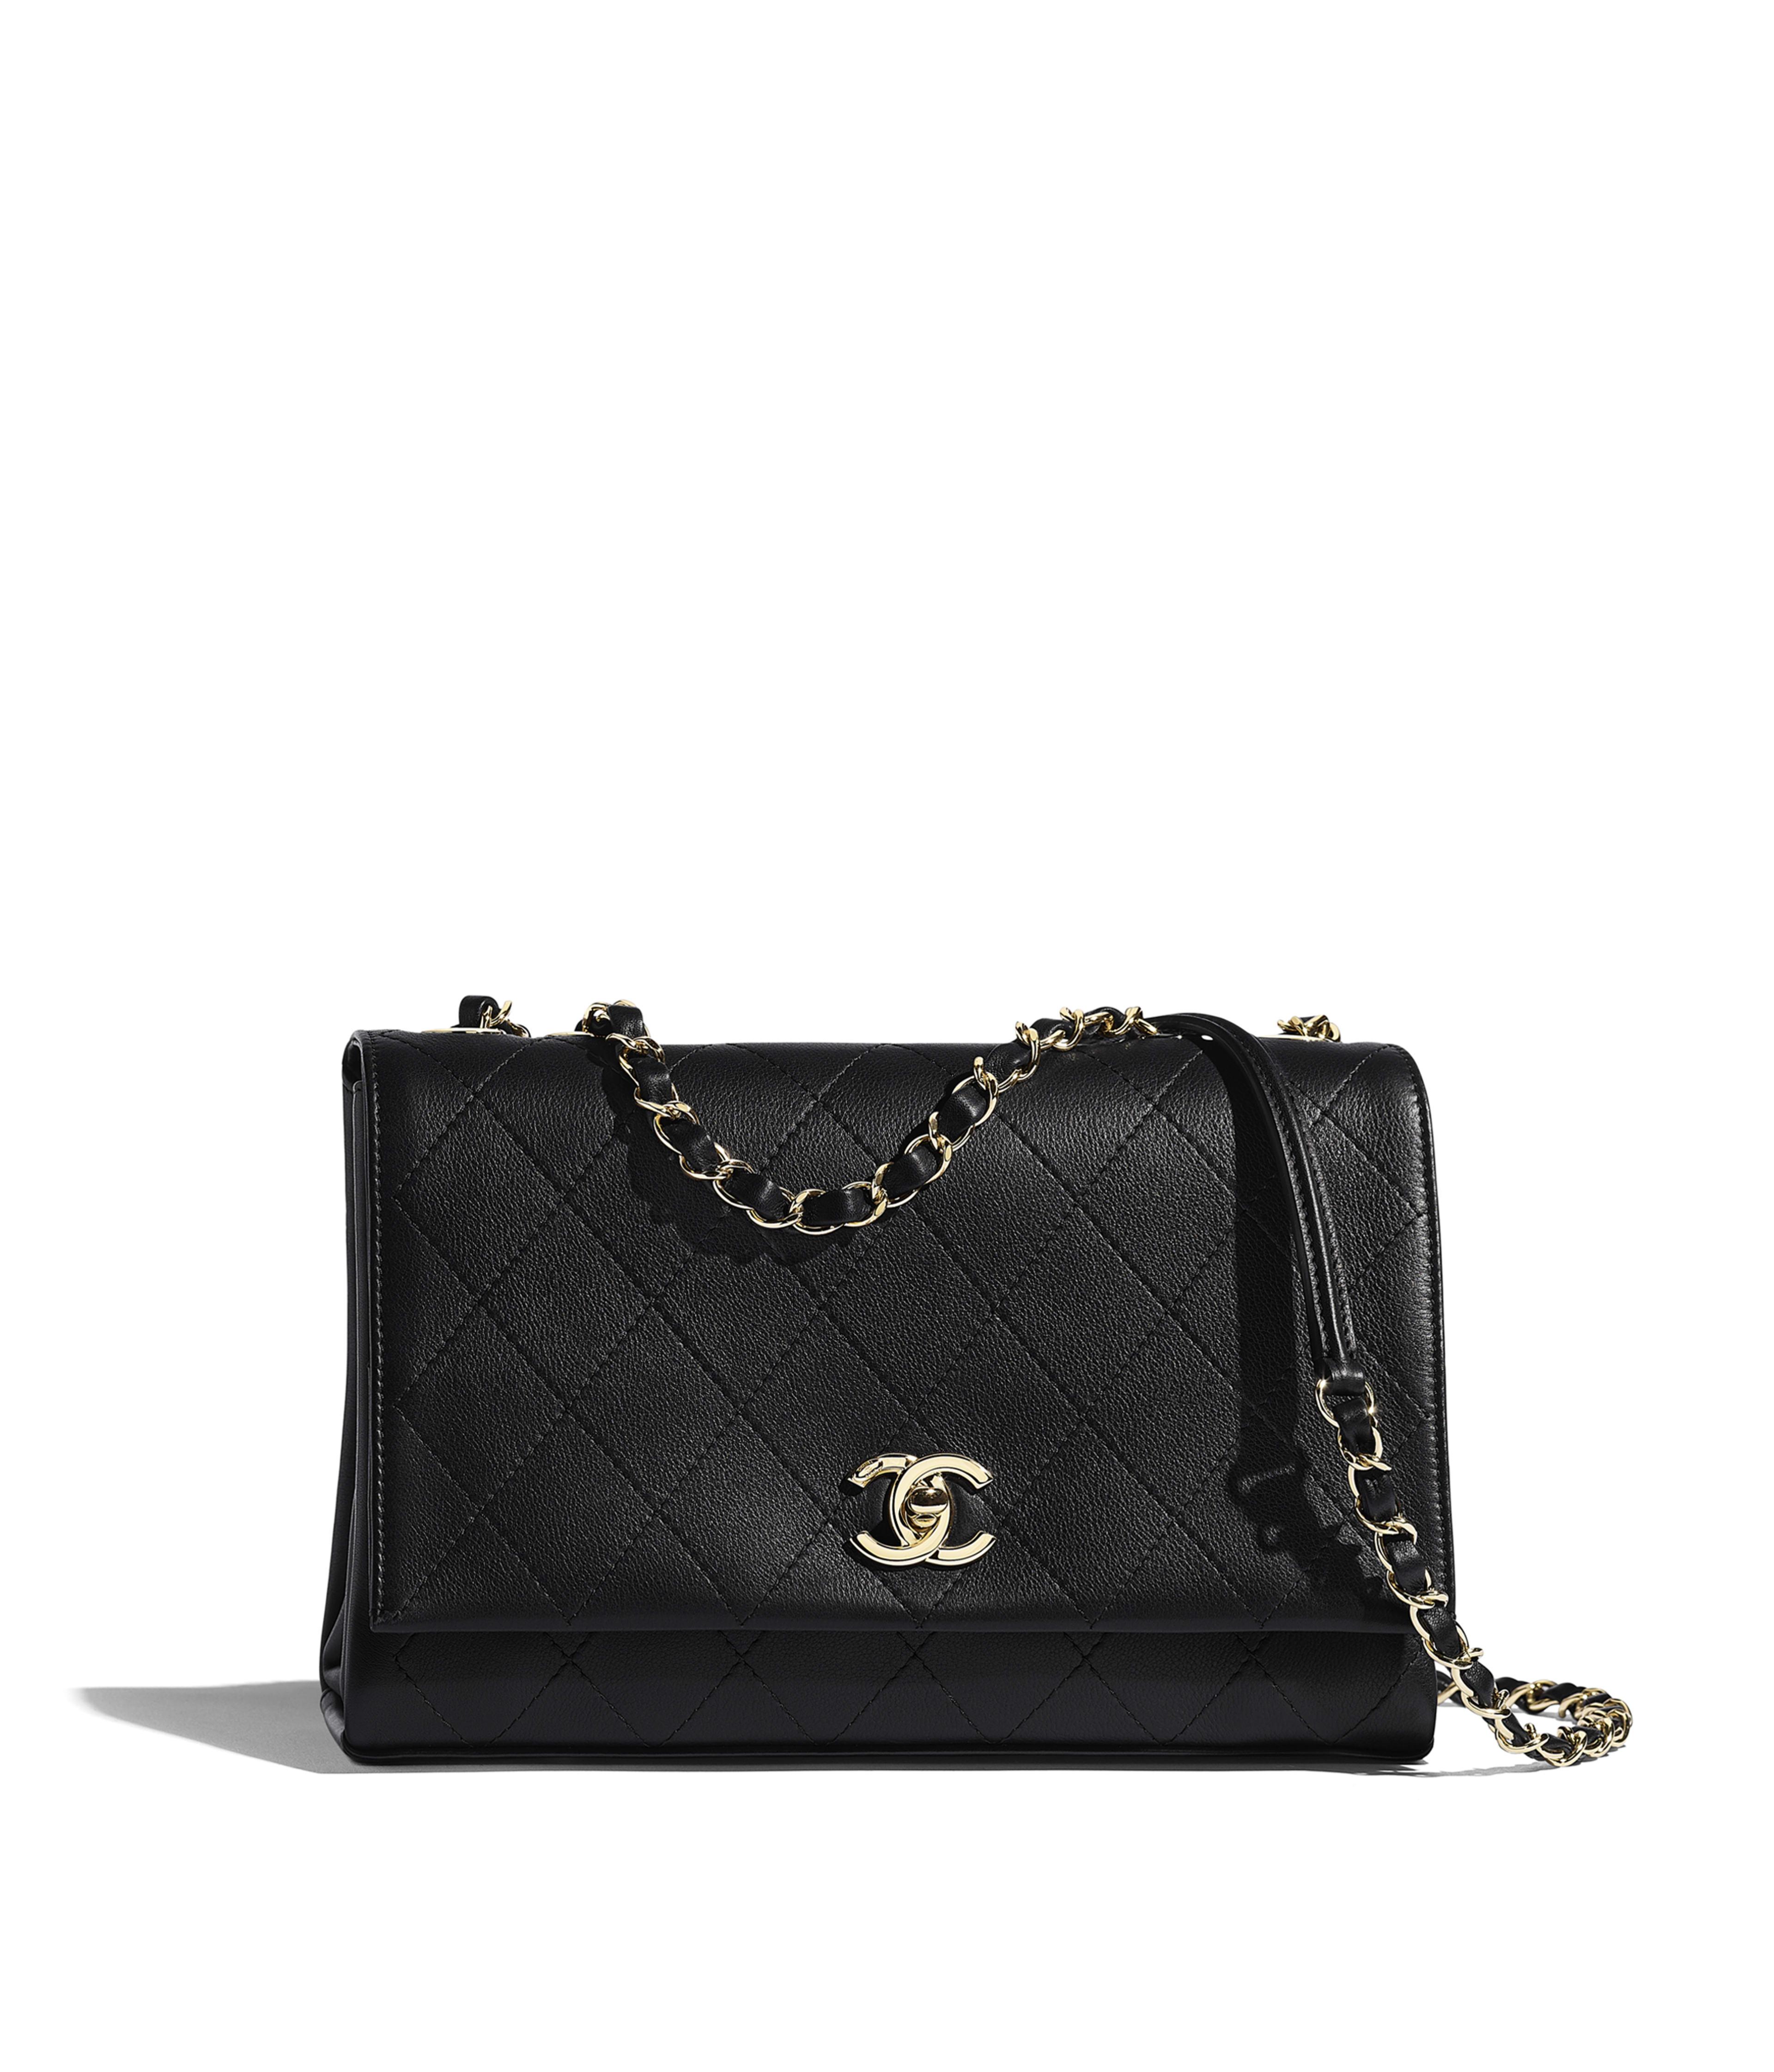 3cab766b85 Handbags - Fashion   CHANEL